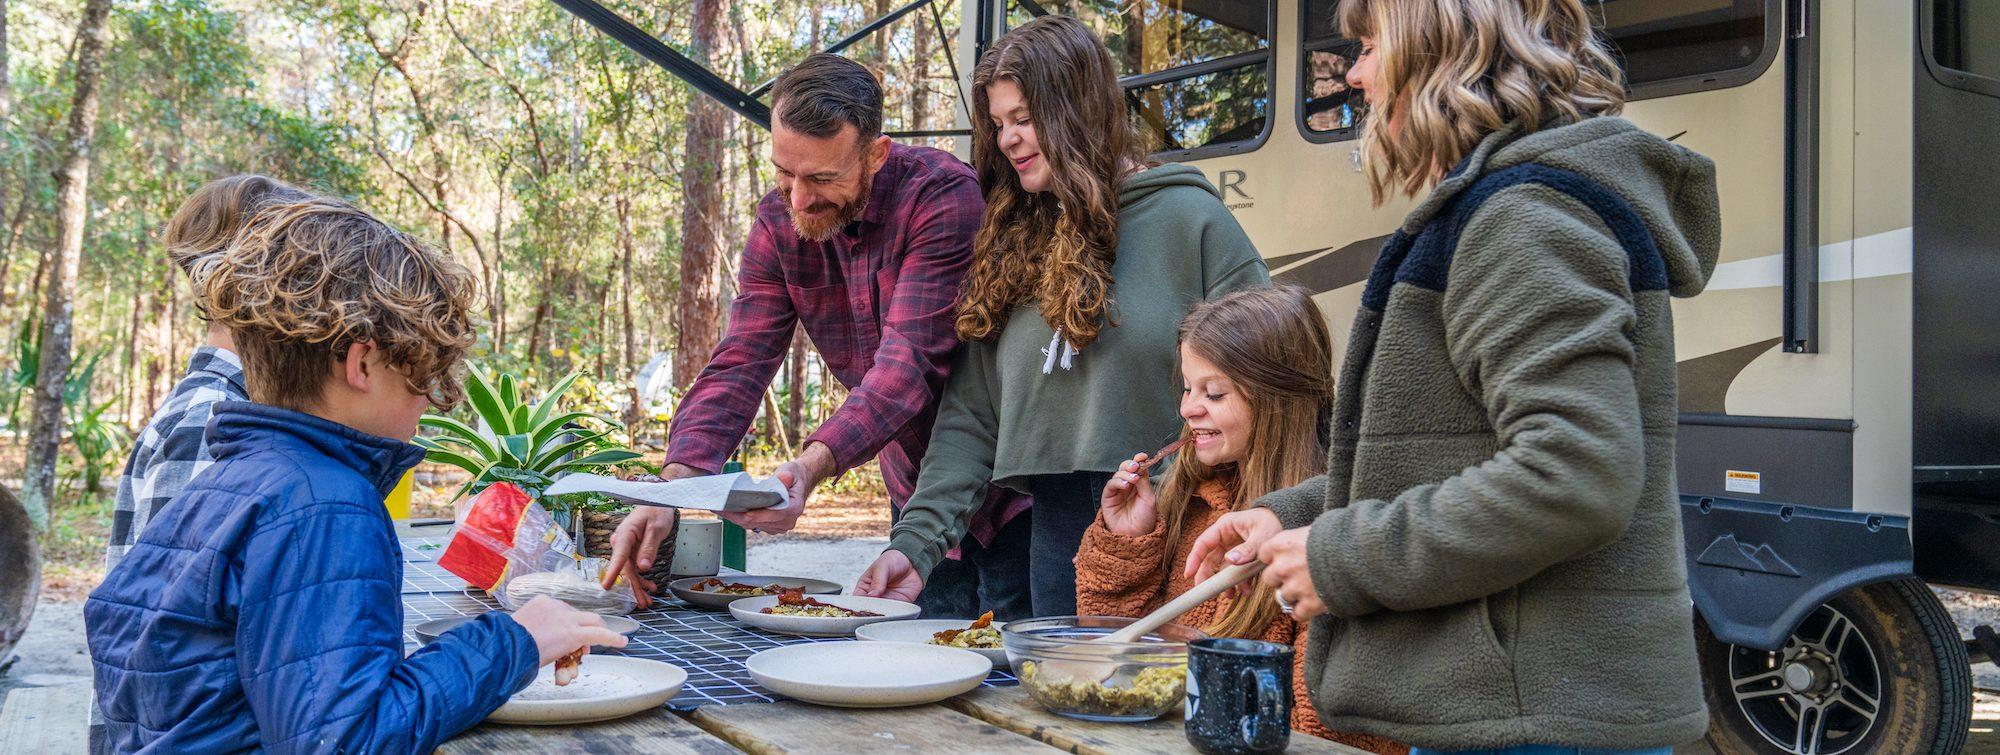 family eating breakfast outside of their RV